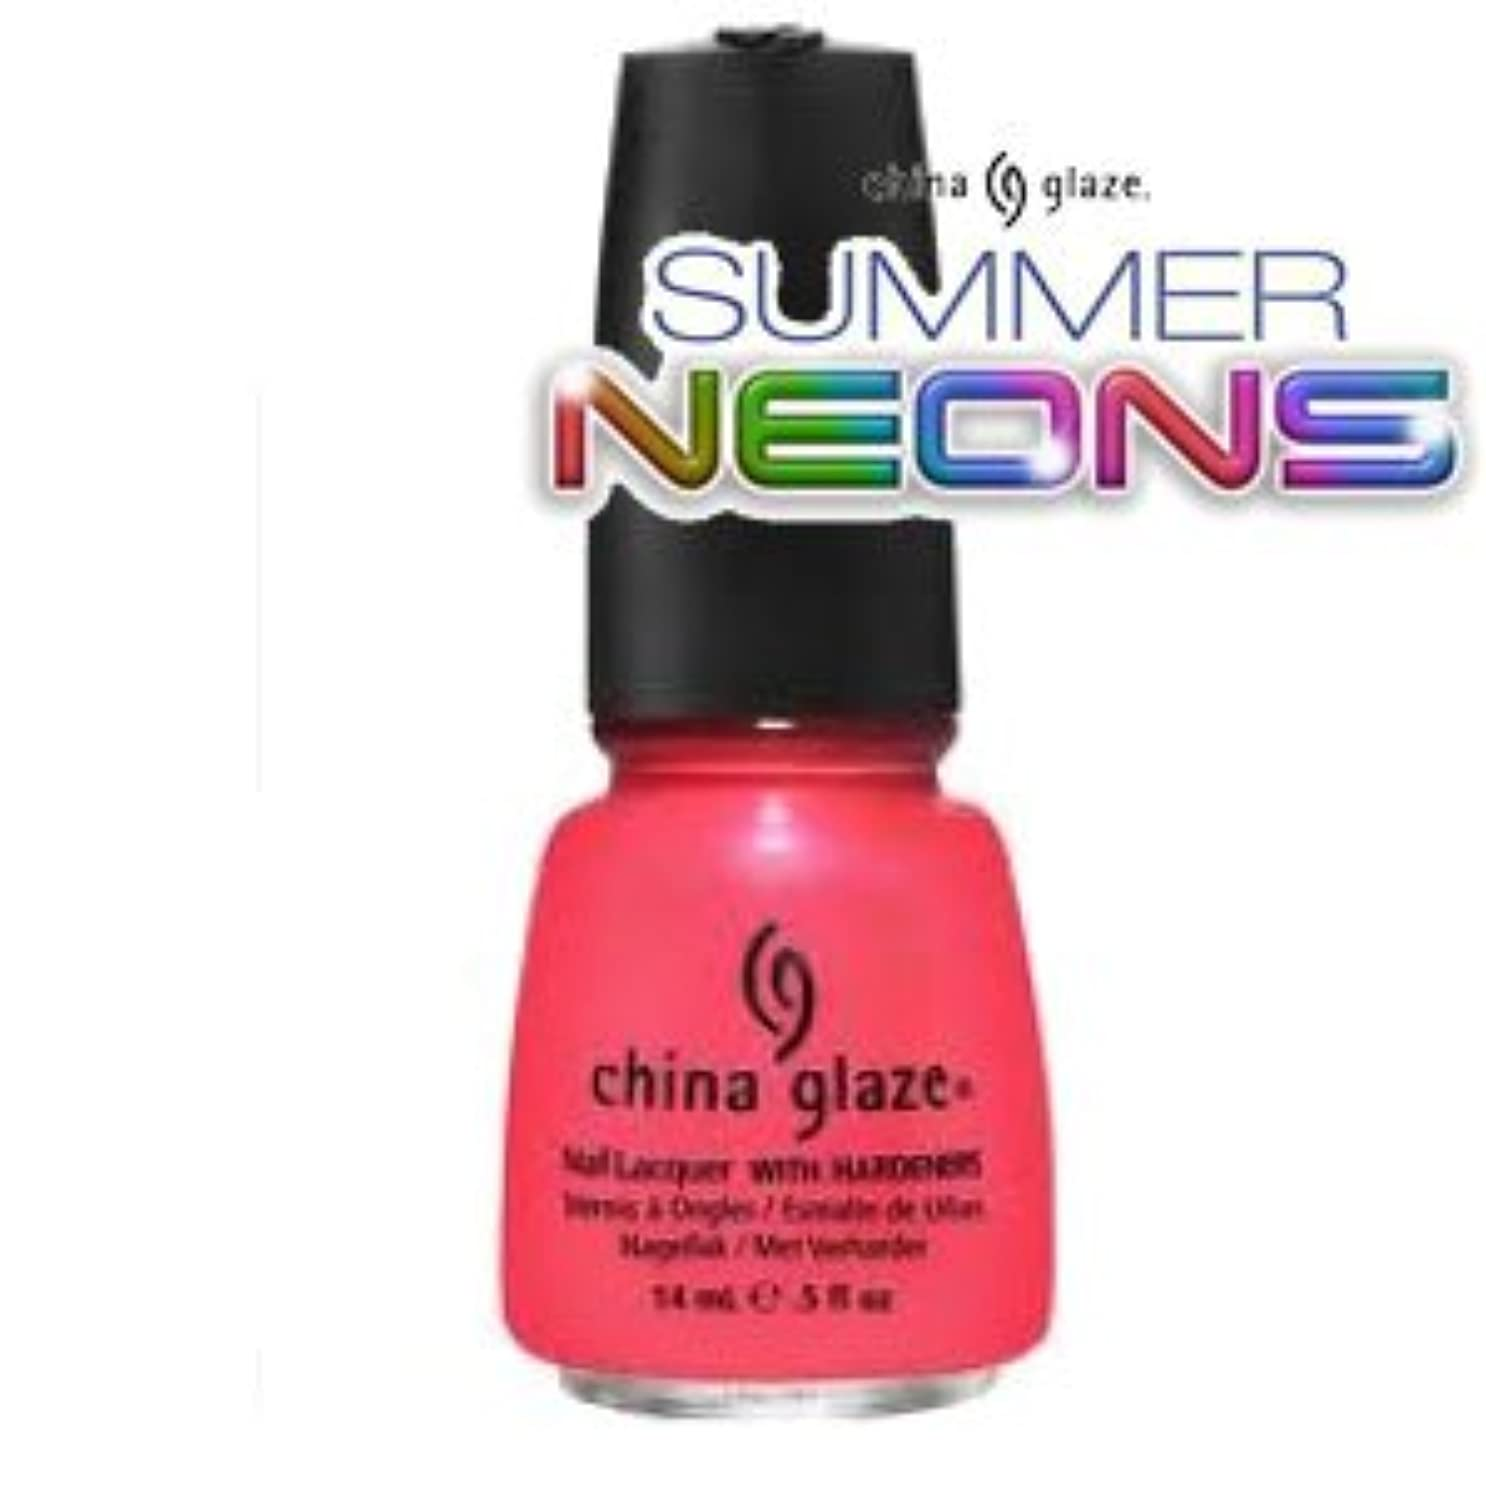 狂信者虹将来の(チャイナグレイズ)China Glaze Flirty Tankiniーサマーネオン コレクション [海外直送品][並行輸入品]